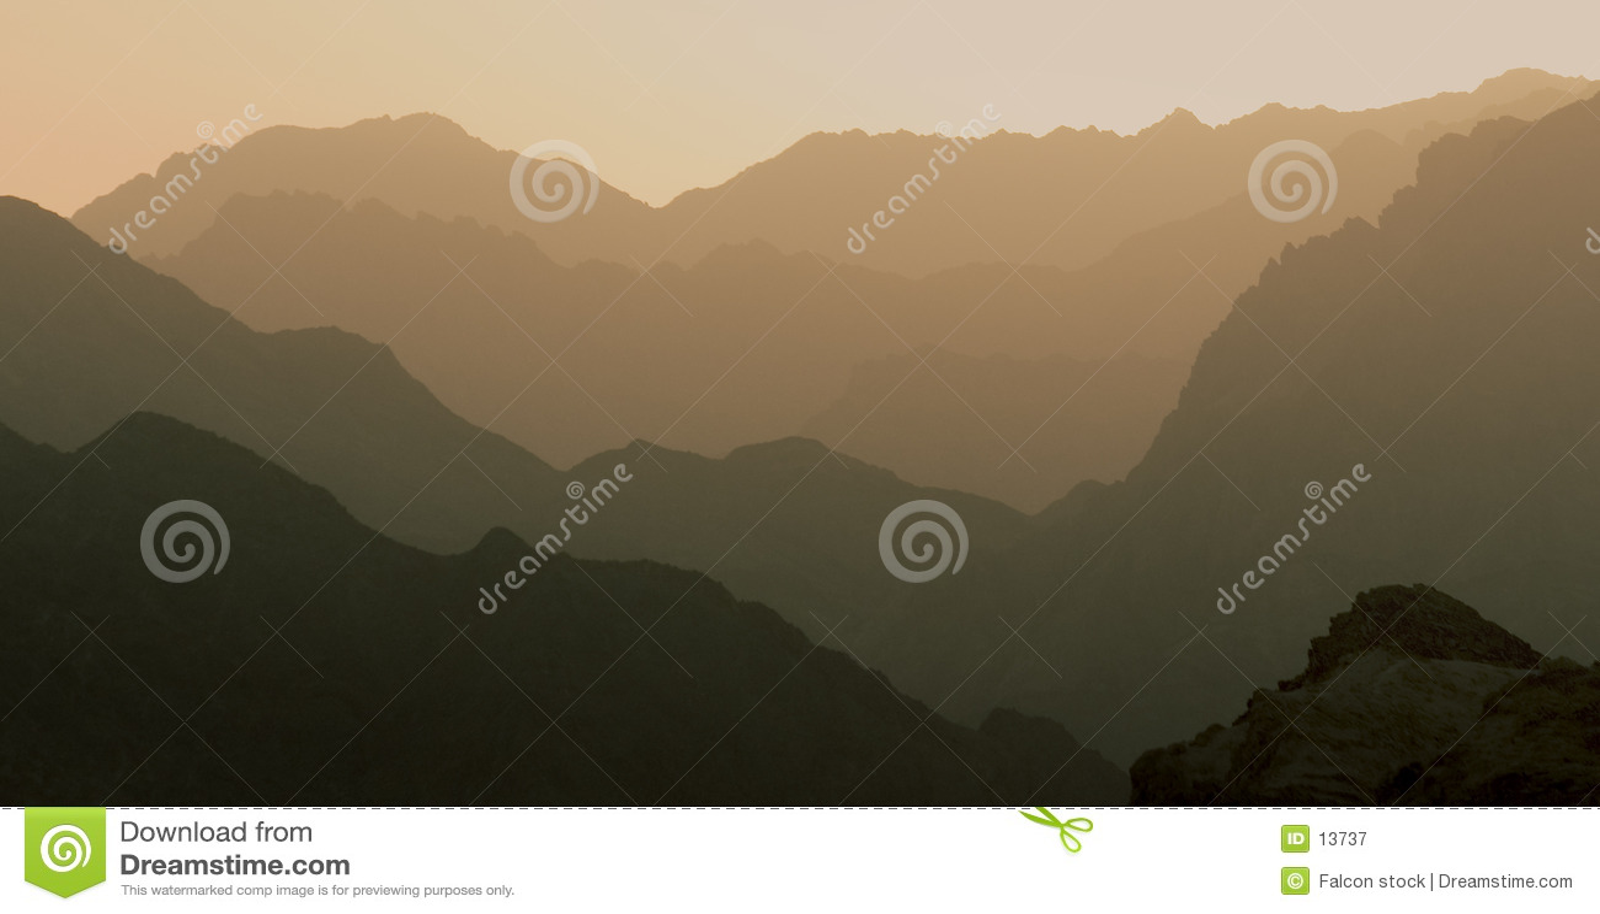 理想层状的山